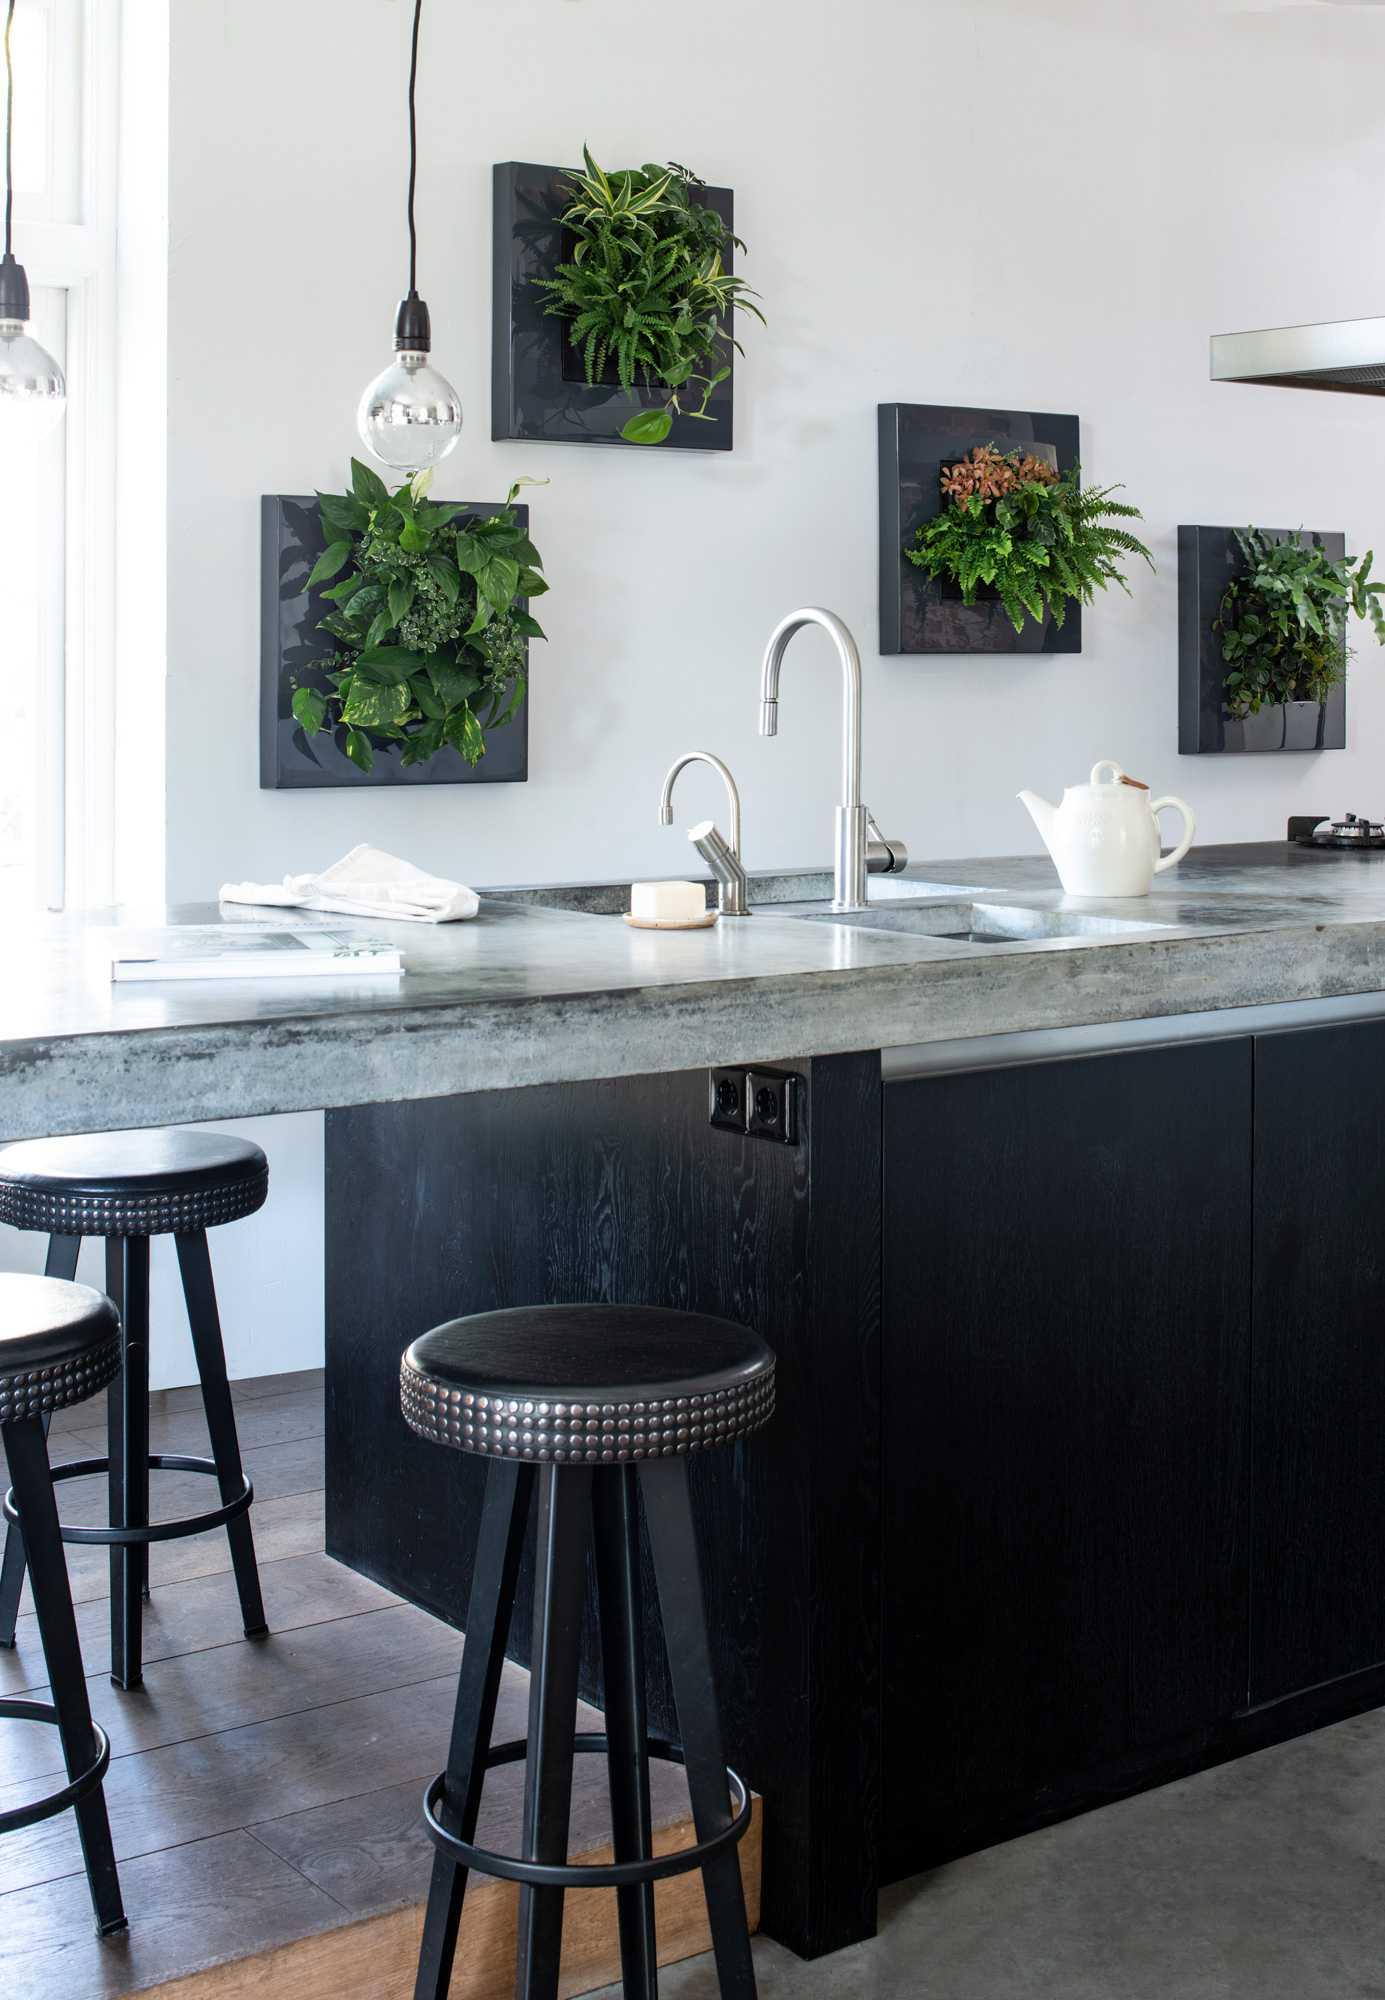 Pflanzenbilder in der Küche